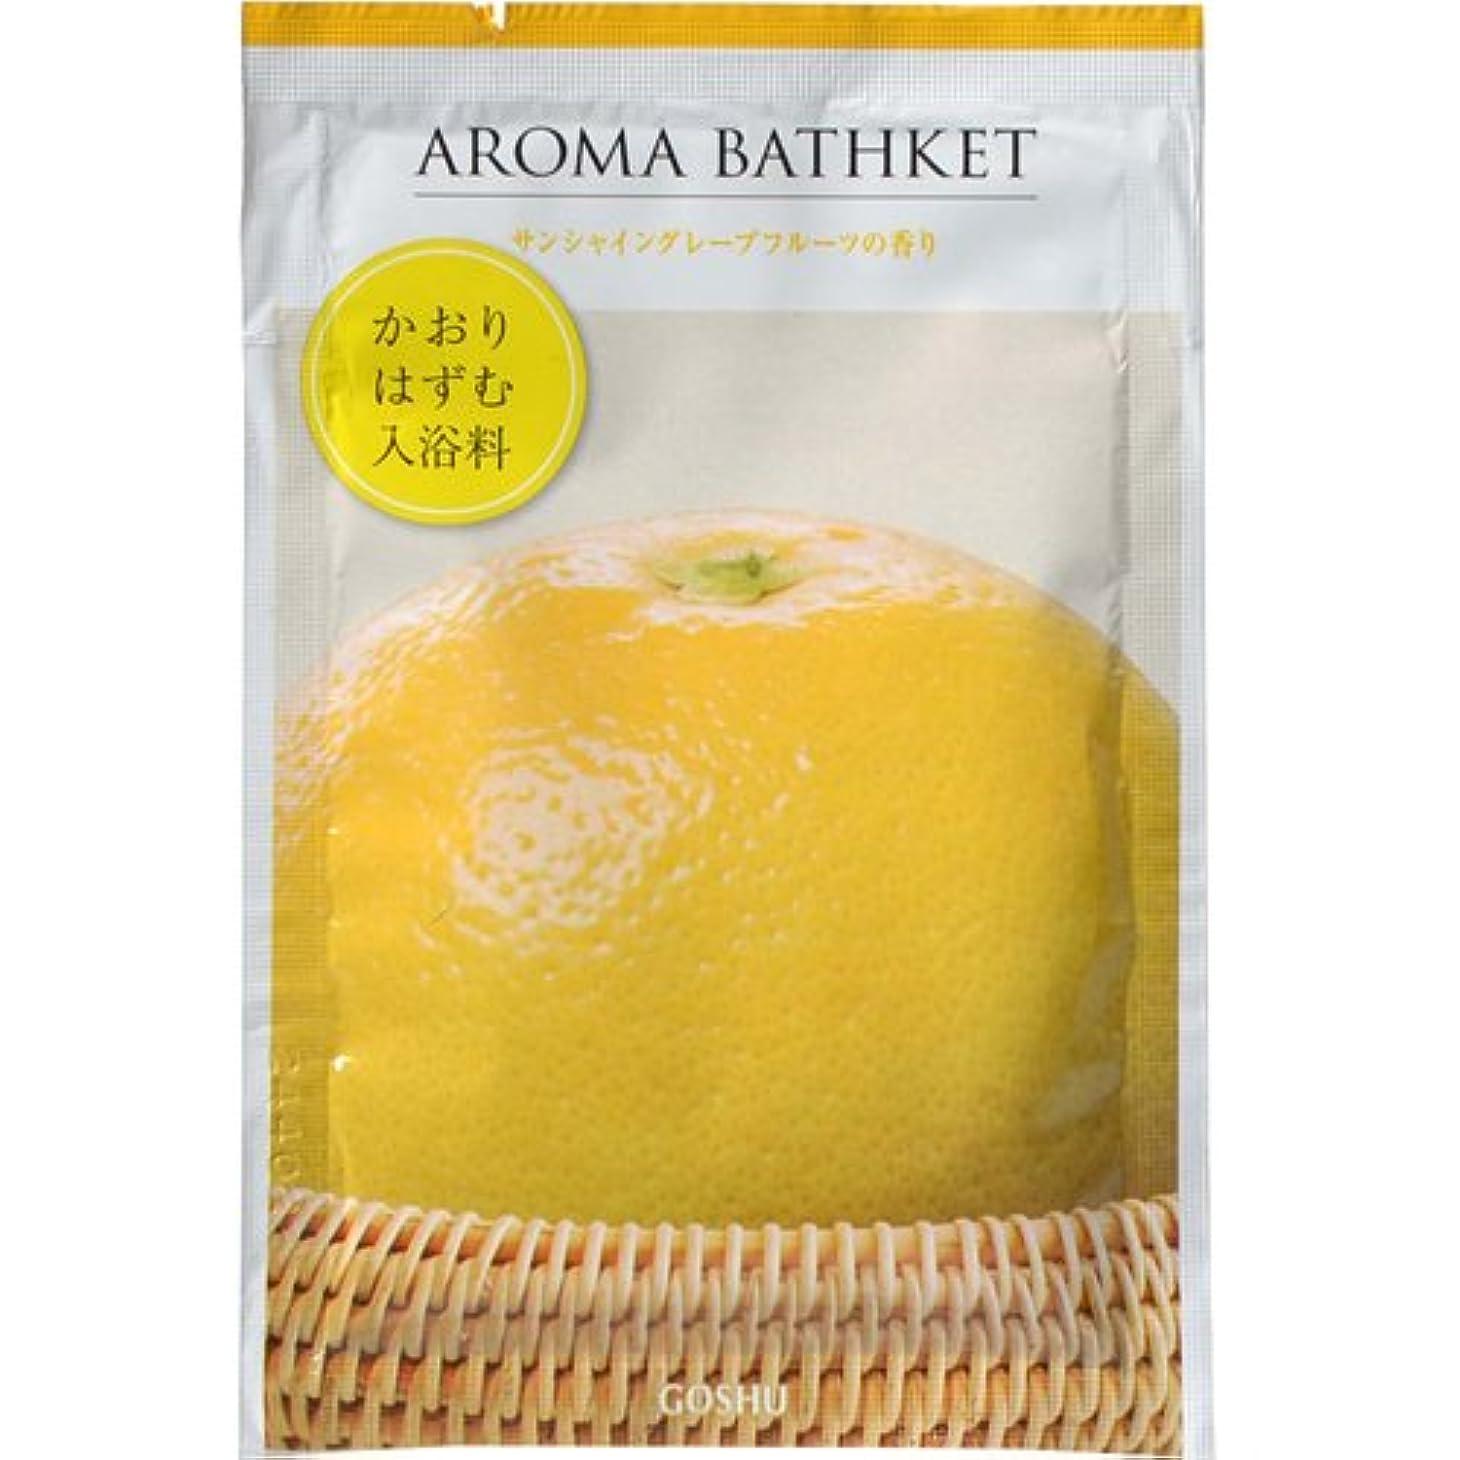 表示カスケードアテンダントアロマバスケット サンシャイングレープフルーツの香り 25g